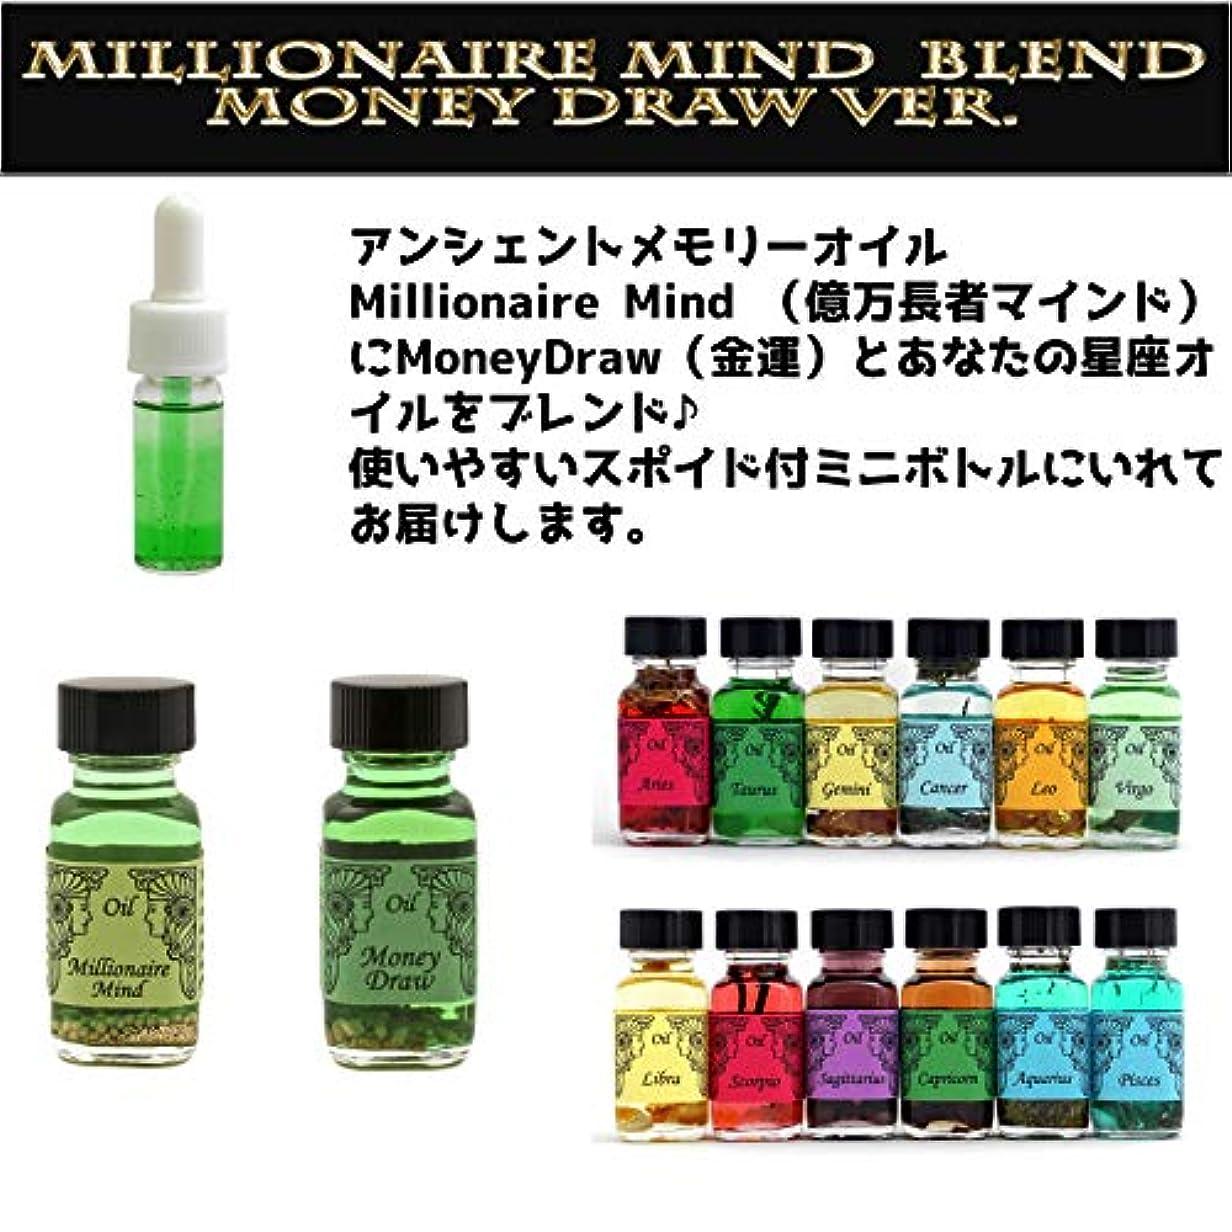 味わうギャラントリーイルアンシェントメモリーオイル Millionaire Mind 億万長者マインド ブレンド(Money Drawマネードロー(金運)&しし座